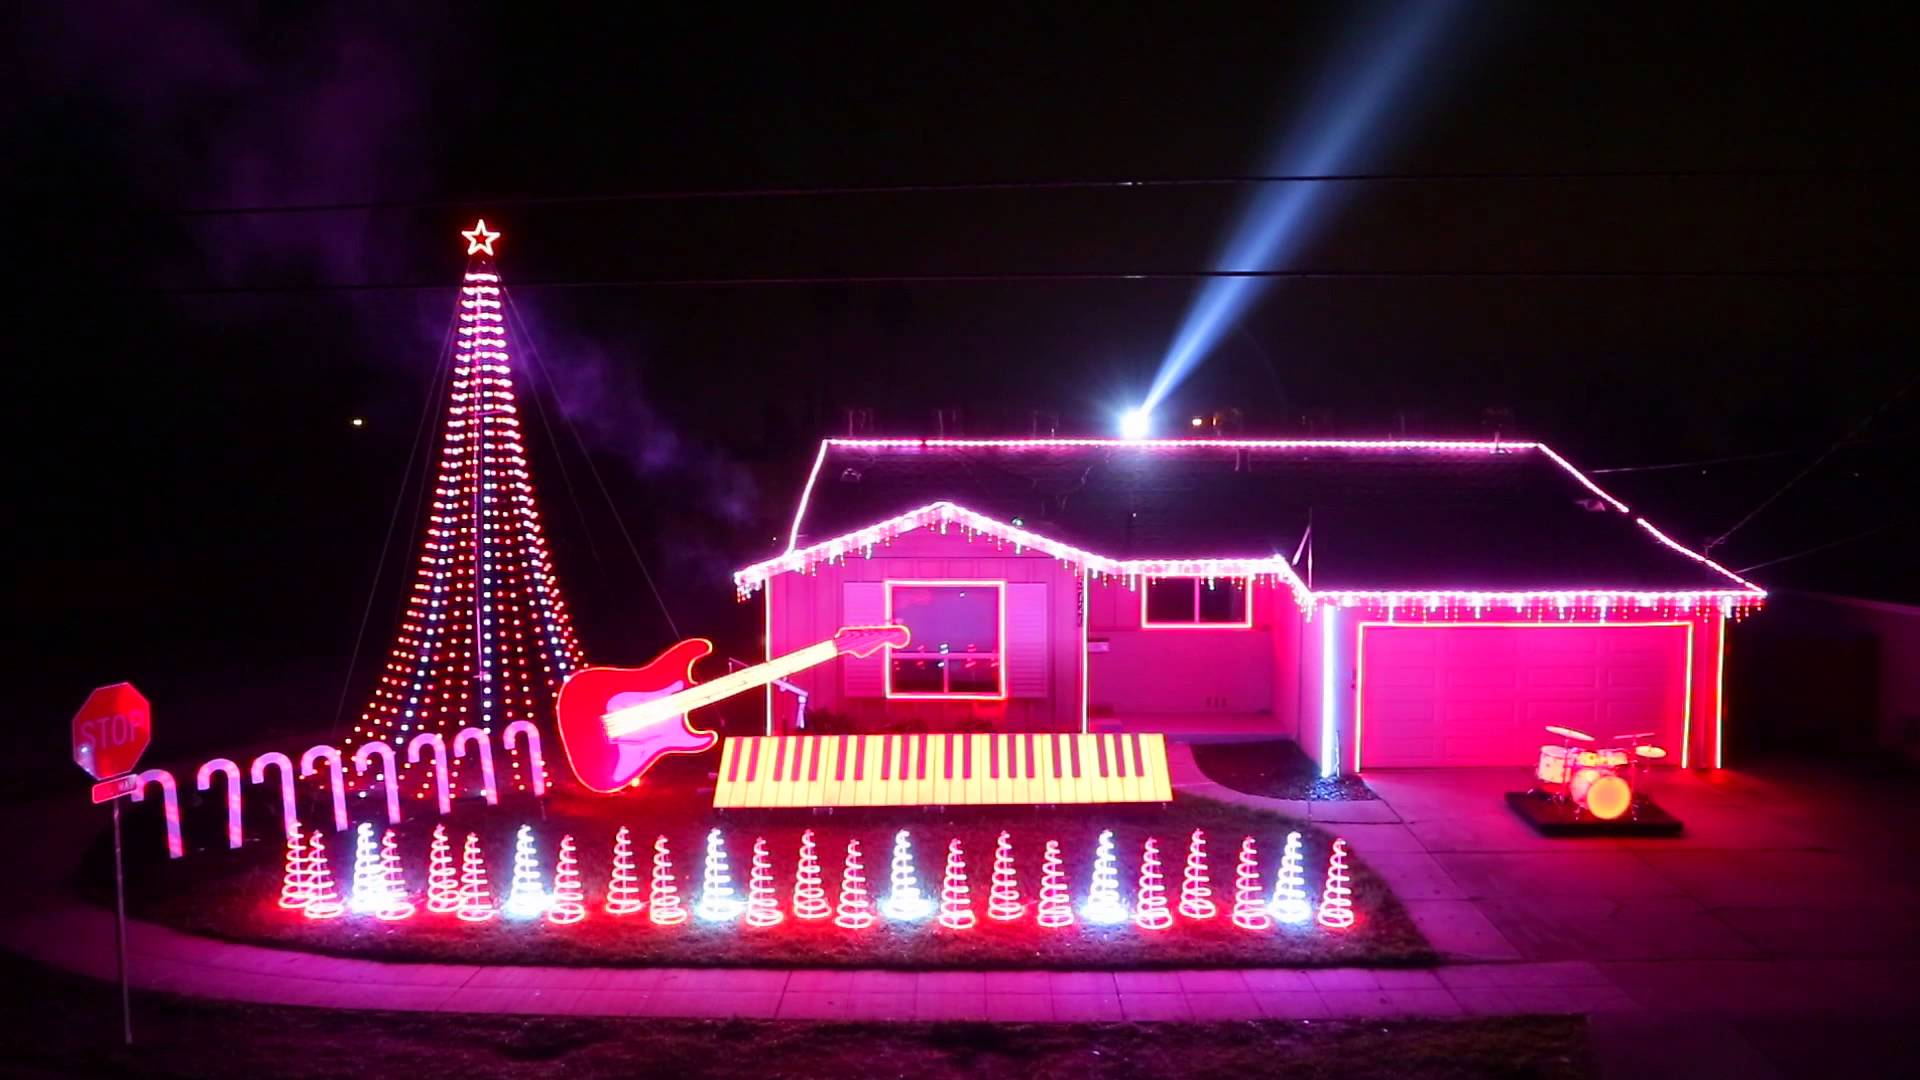 Święta na rockowo (i nie tylko) – najciekawsze muzyczne iluminacje świąteczne